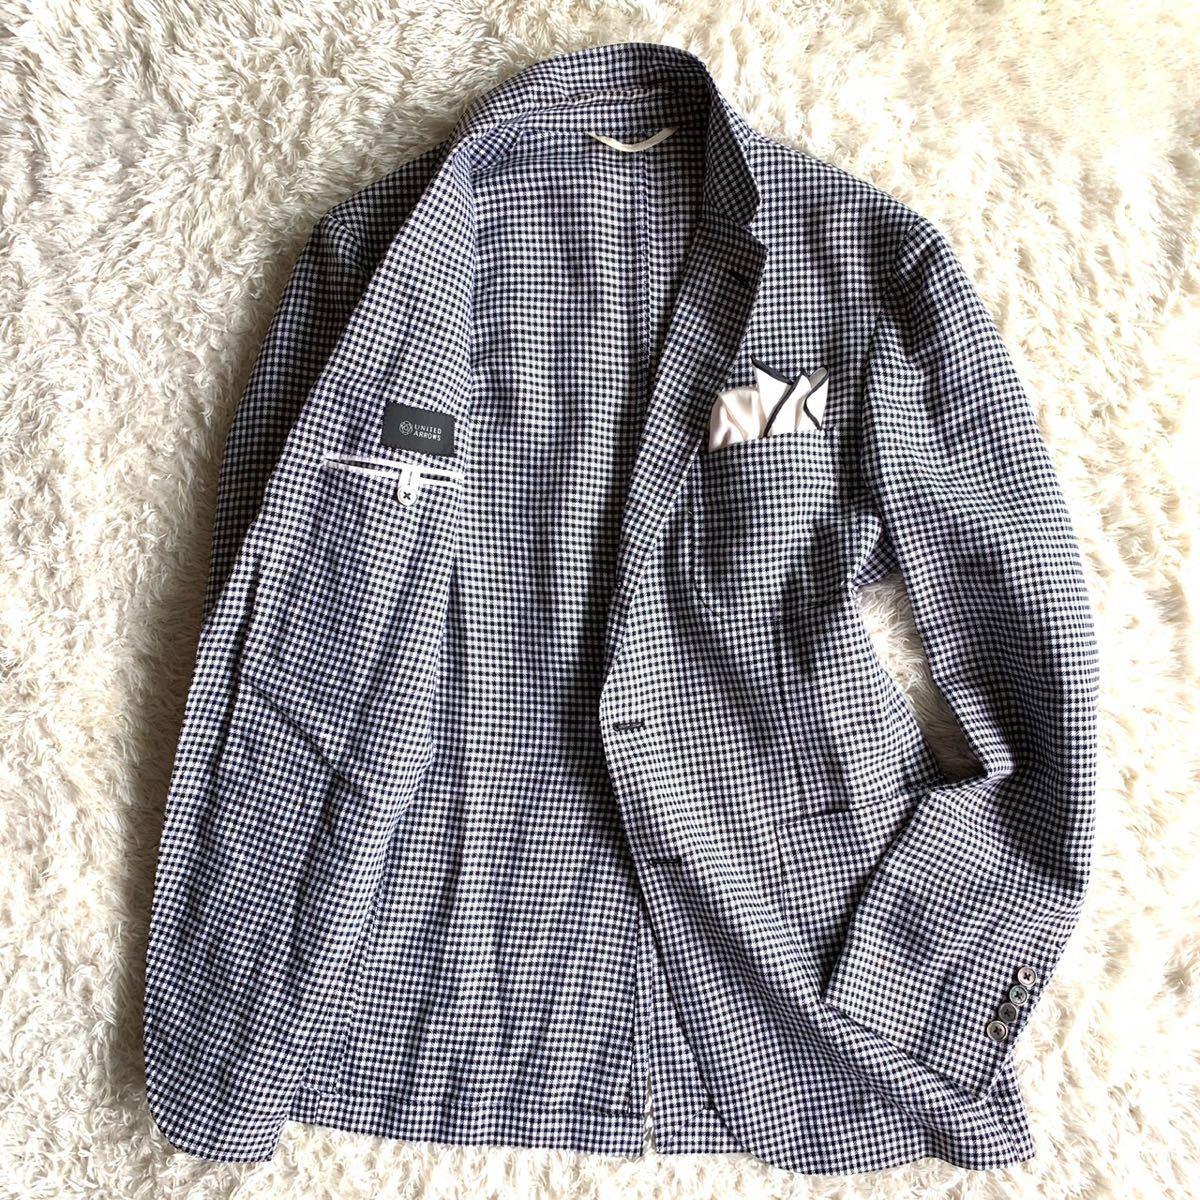 【麻100%】★ユナイテッドアローズ 千鳥格子柄 テーラードジャケット メンズ 48 L相当 サマージャケット _画像2